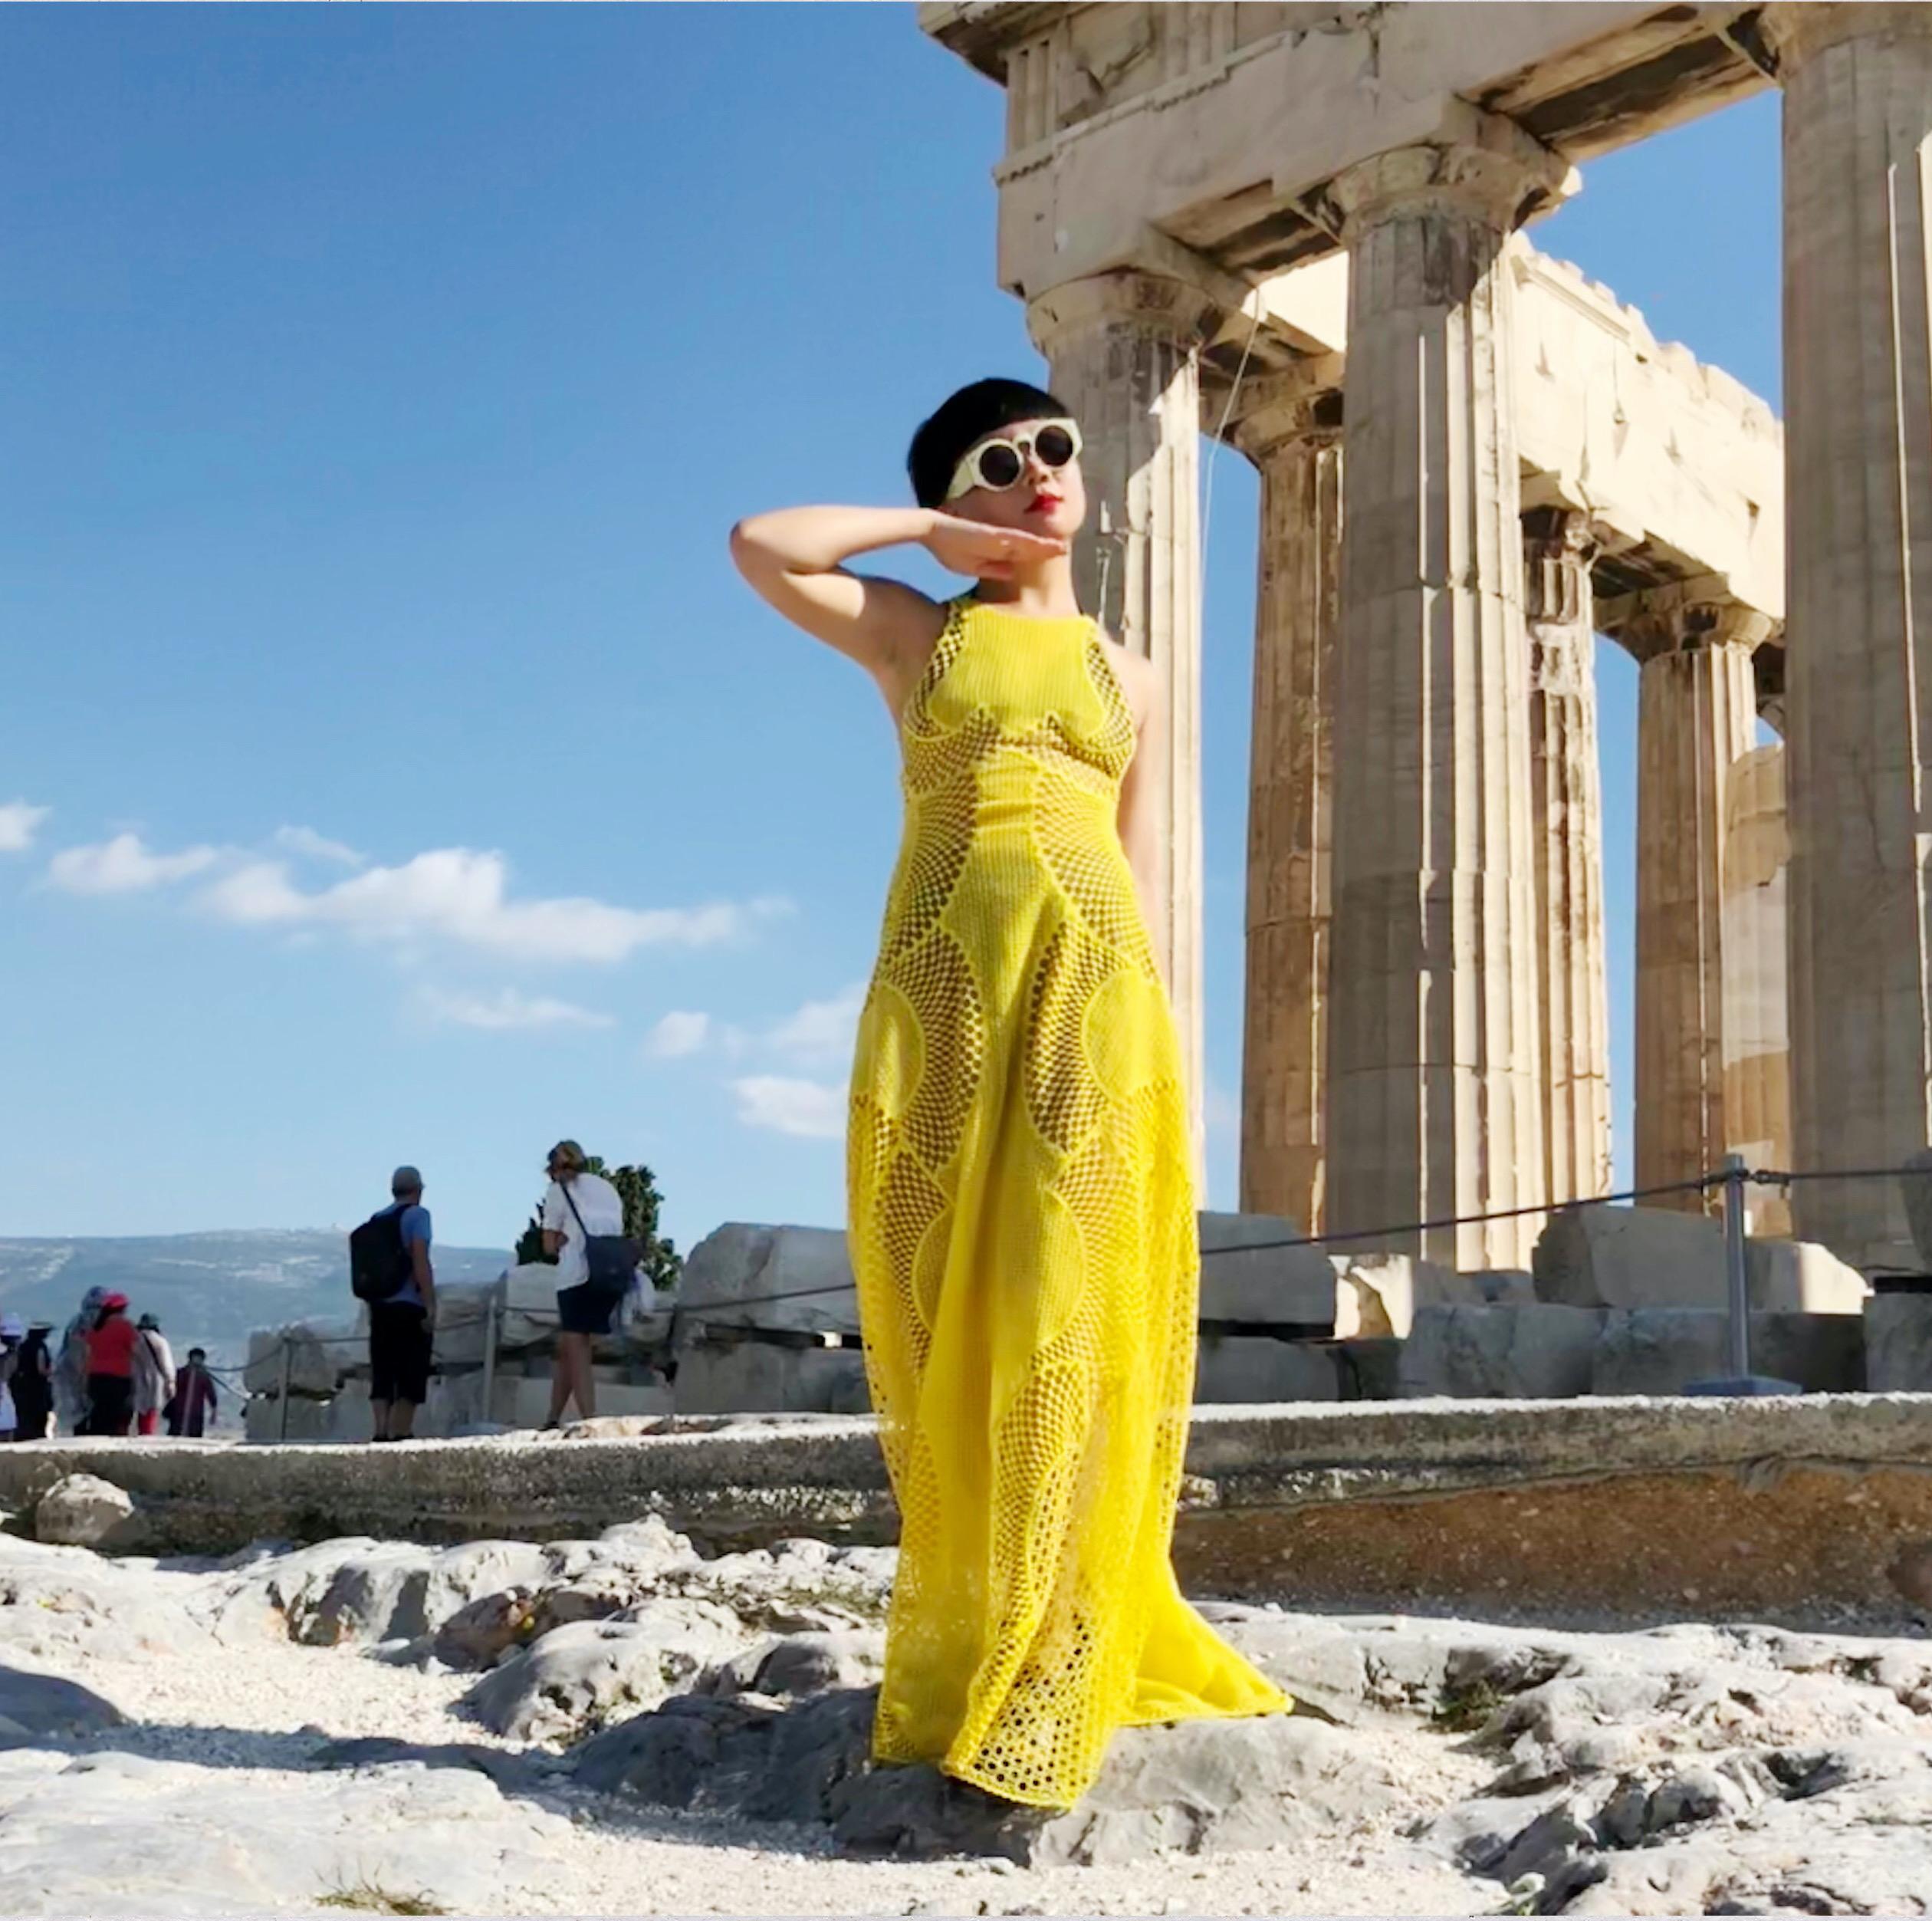 JiaJia Fei at the Acropolis, Athens, Greece, 2018